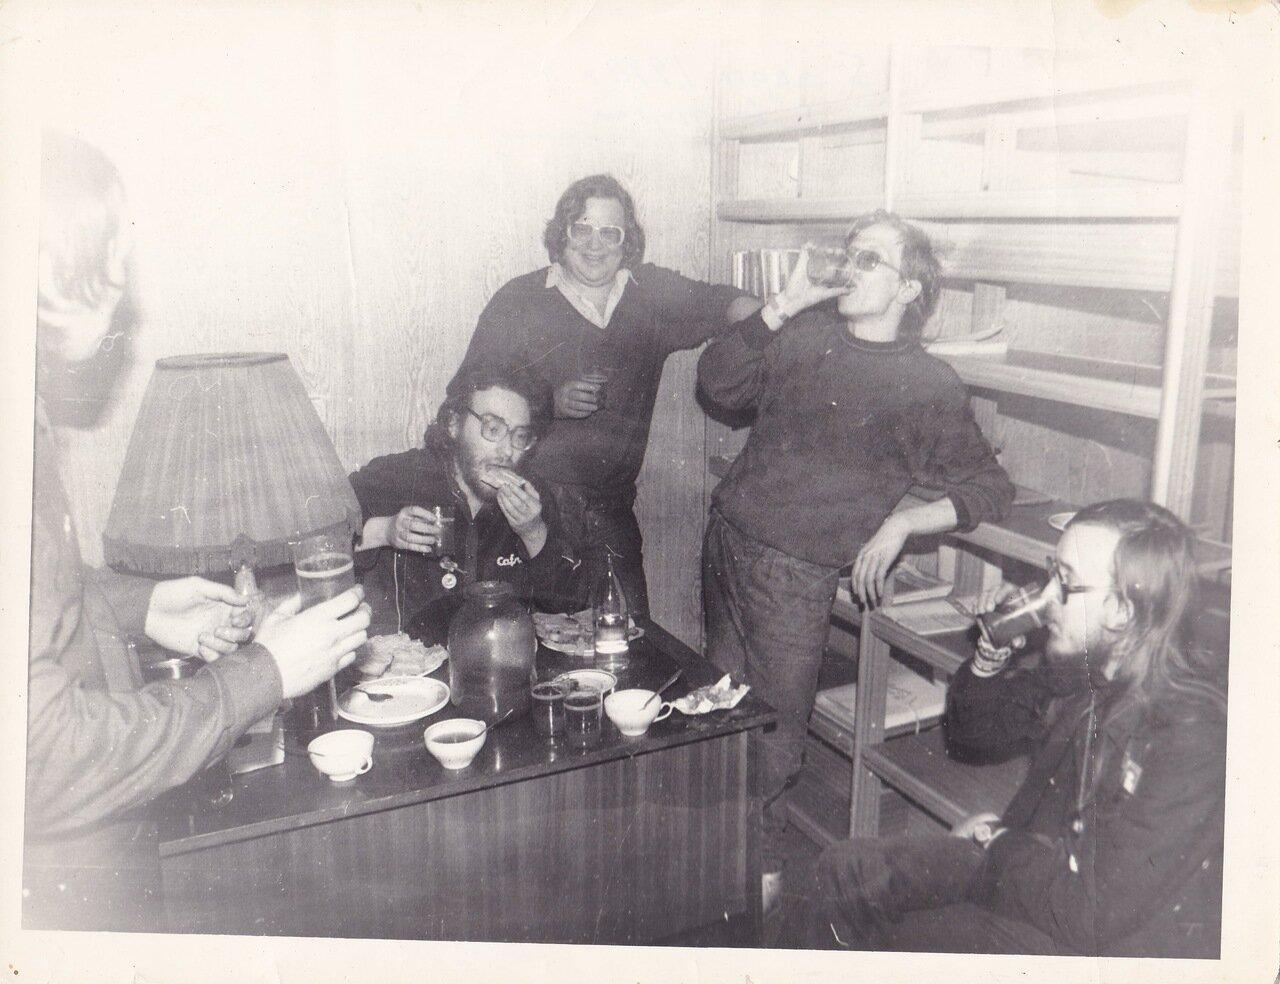 1990. С Летовым после концерта в Ангарске. Андрей Семенов, Фил, Виктор Малеванный, Летов